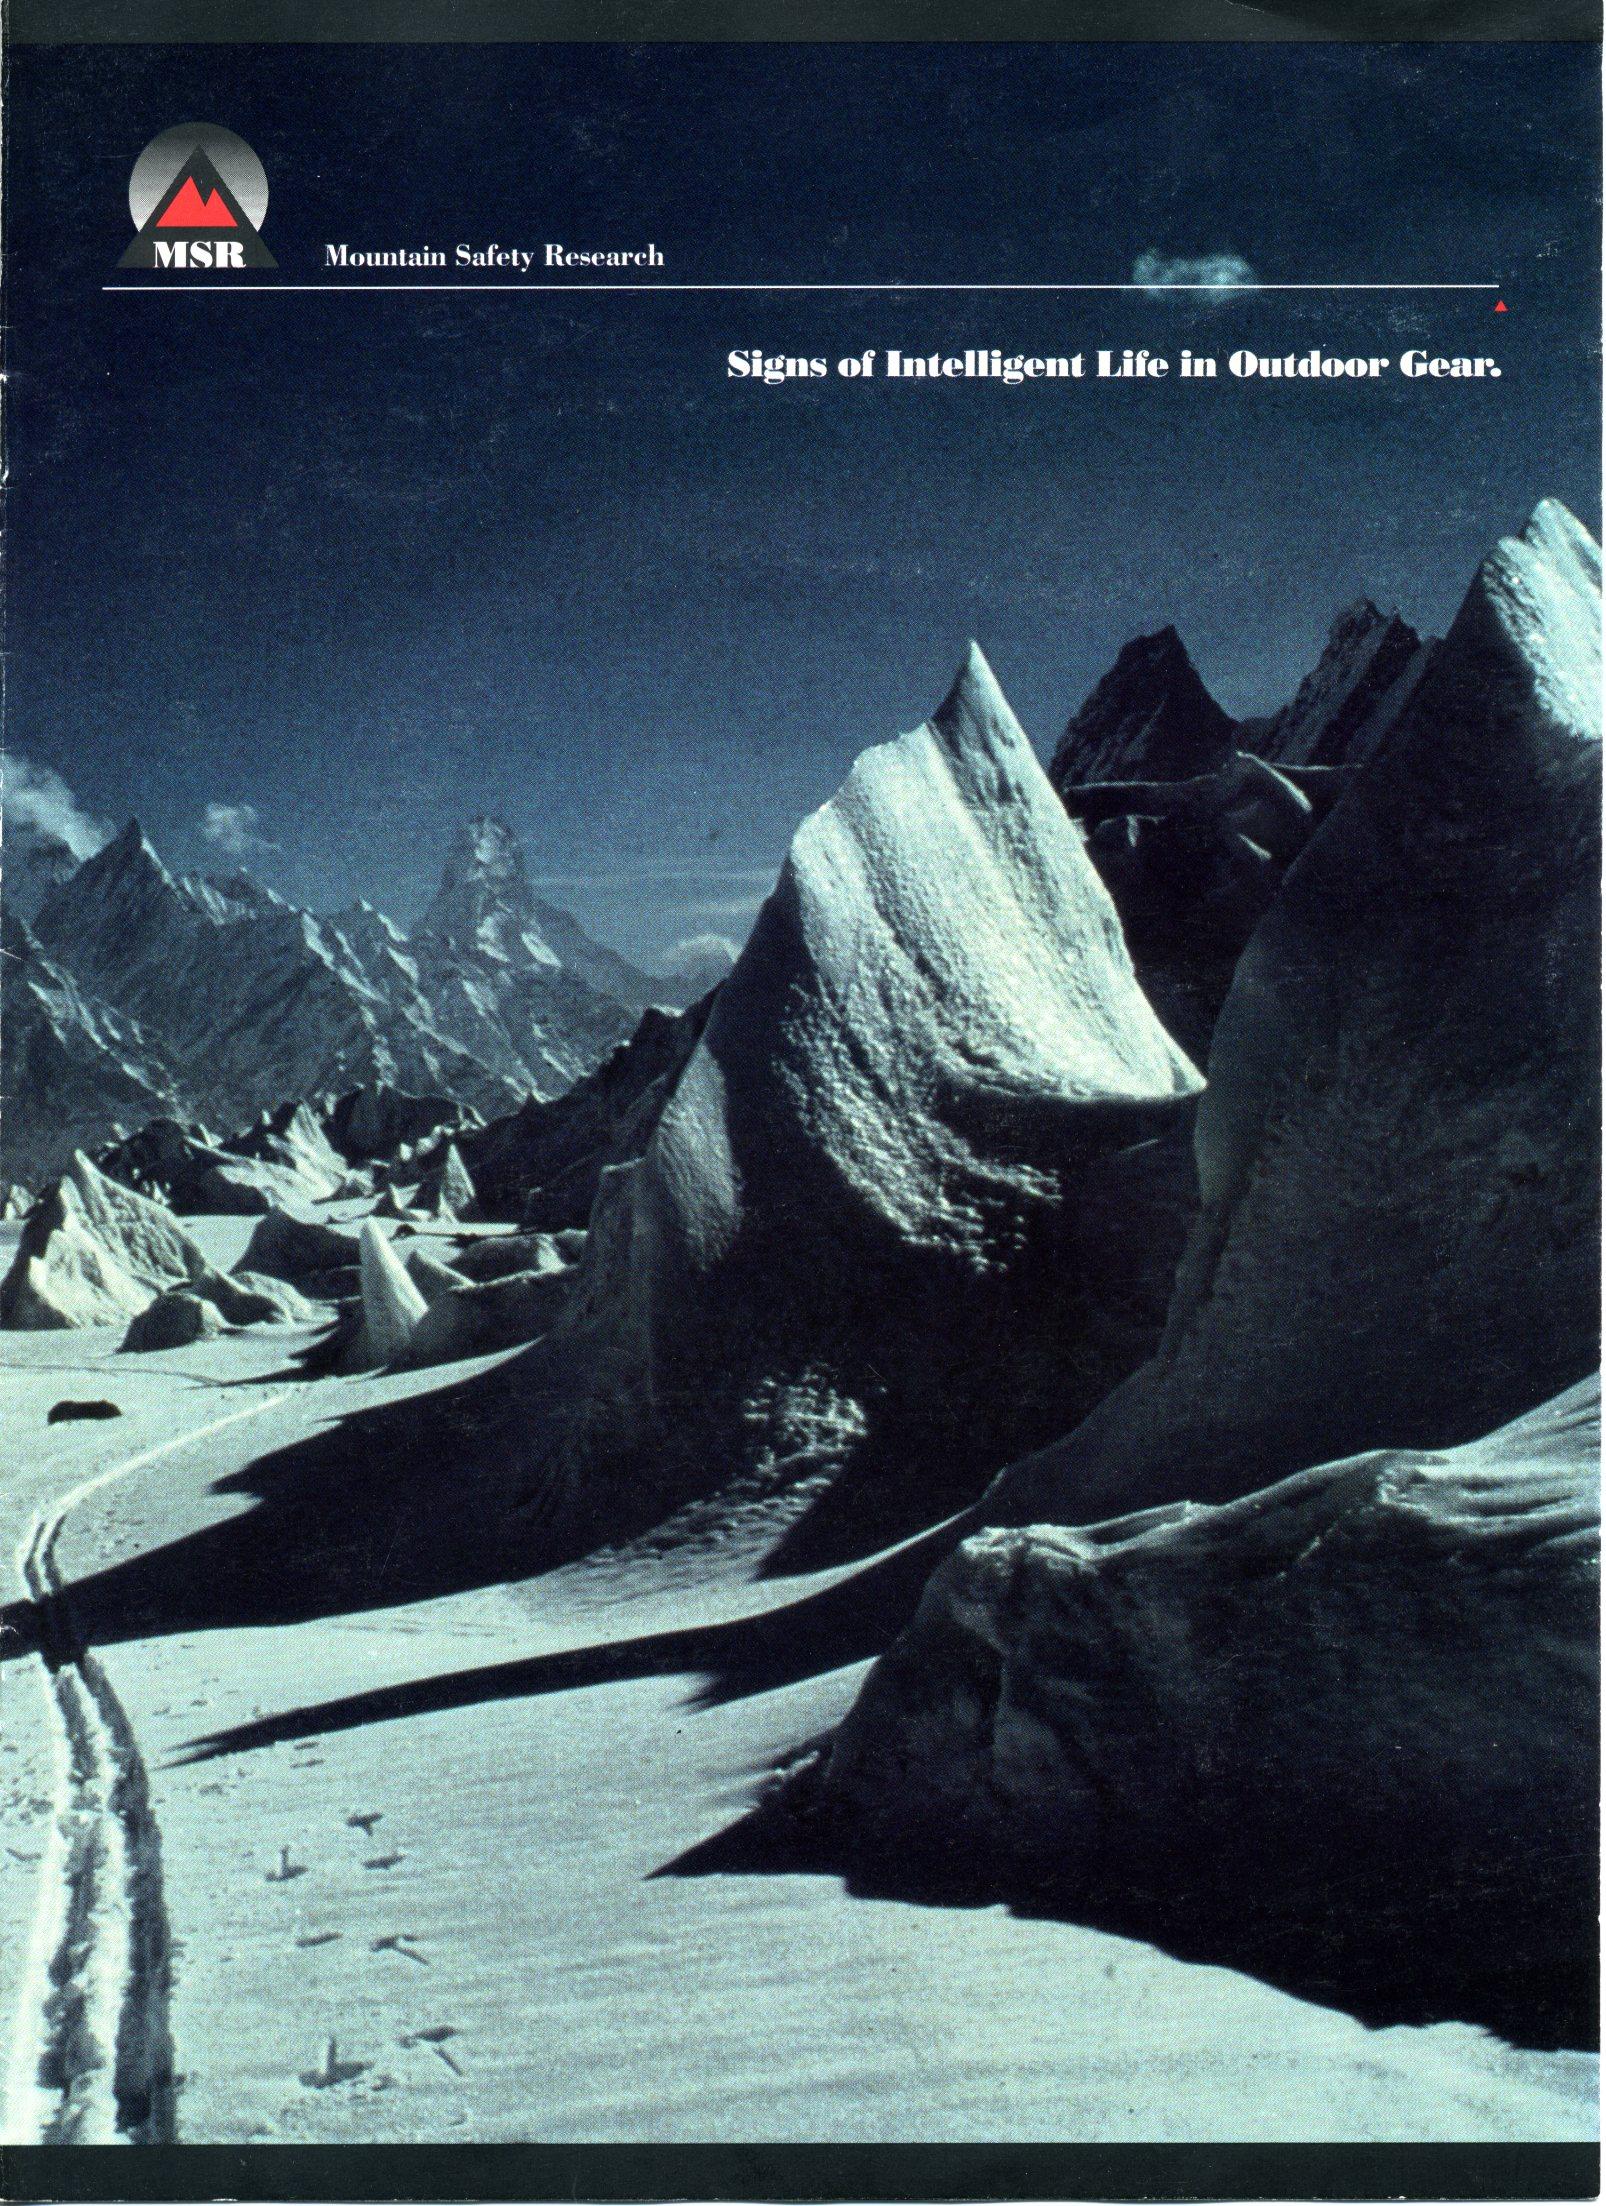 MSR Catalog from 1992